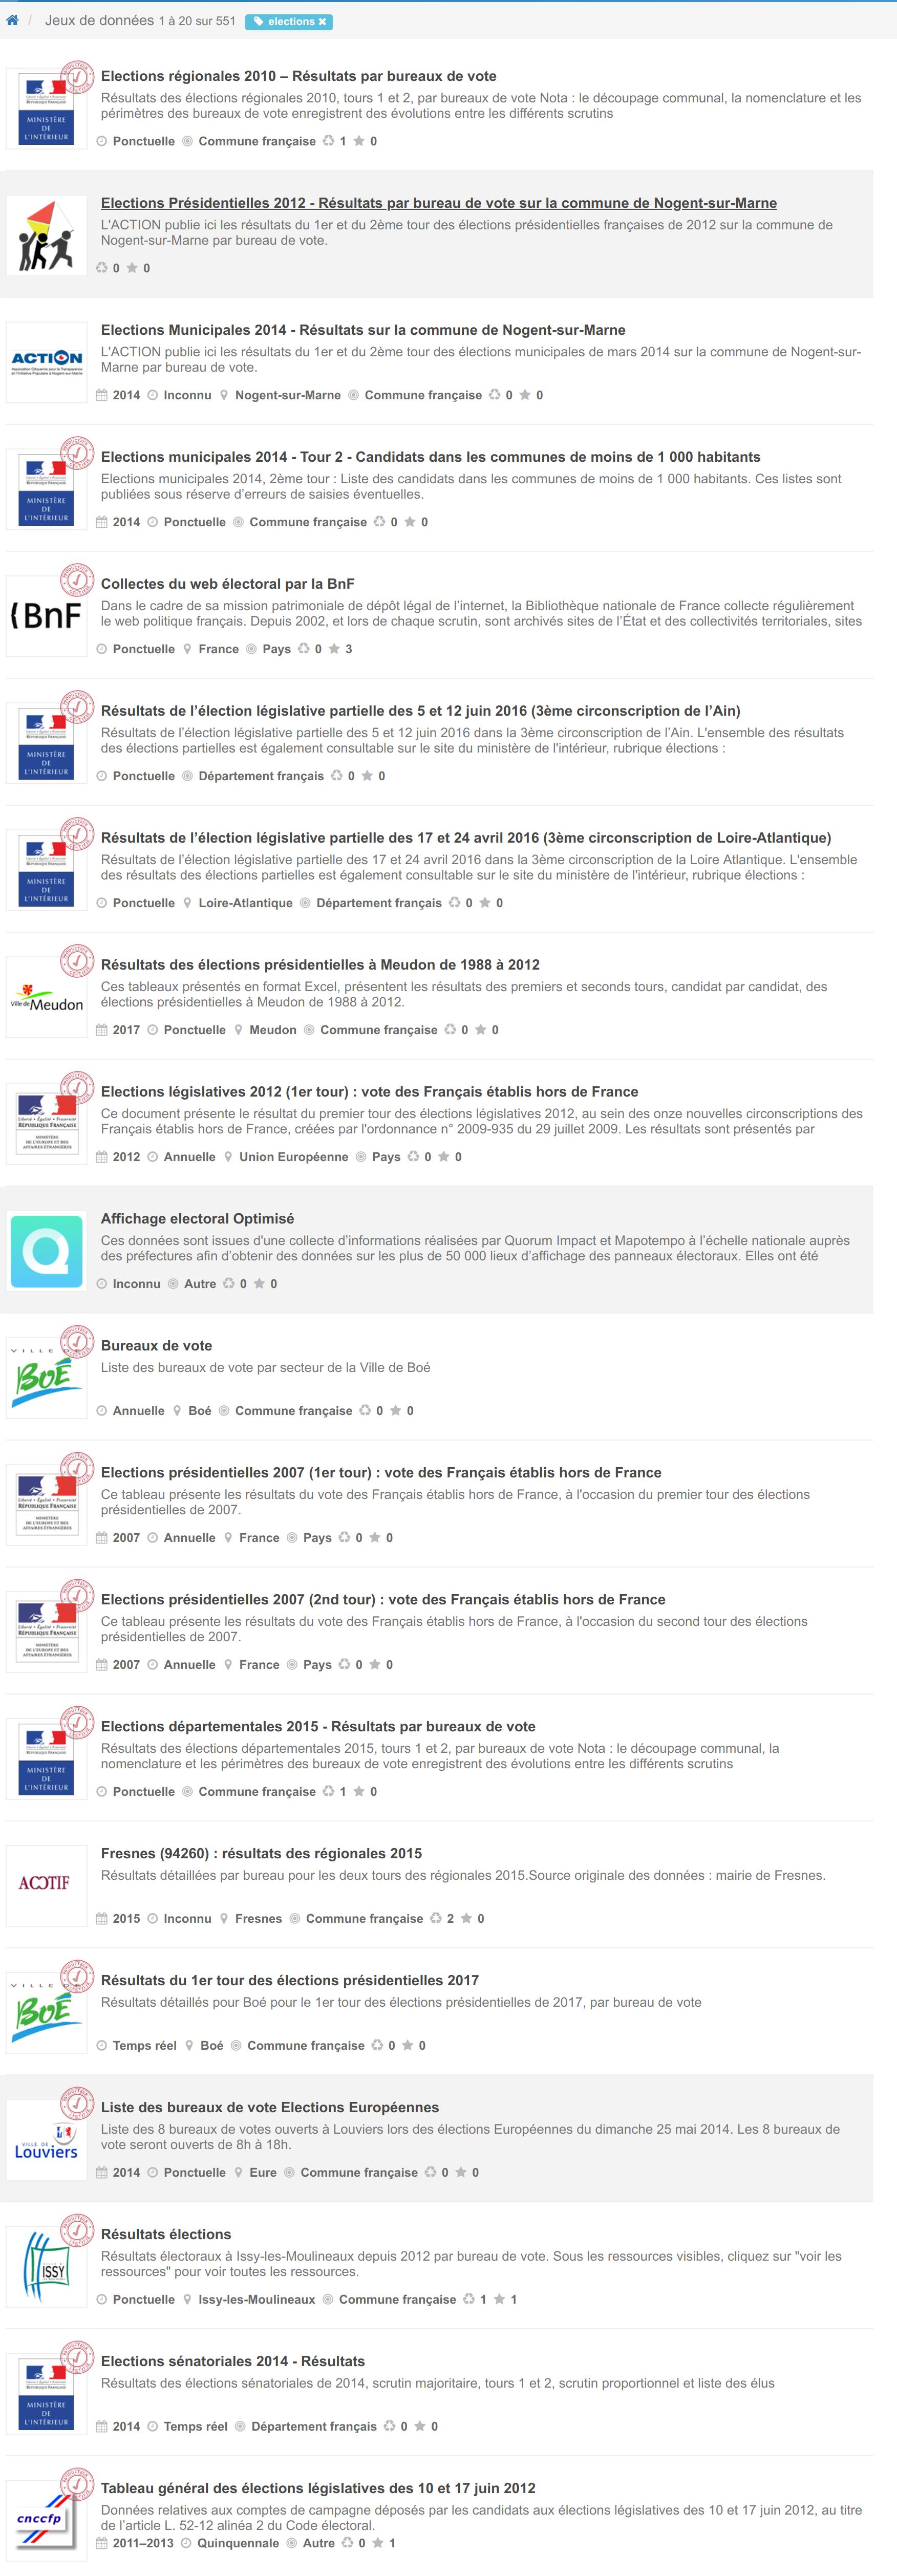 screenshot-www data gouv fr-2019 07 09-10-32-26